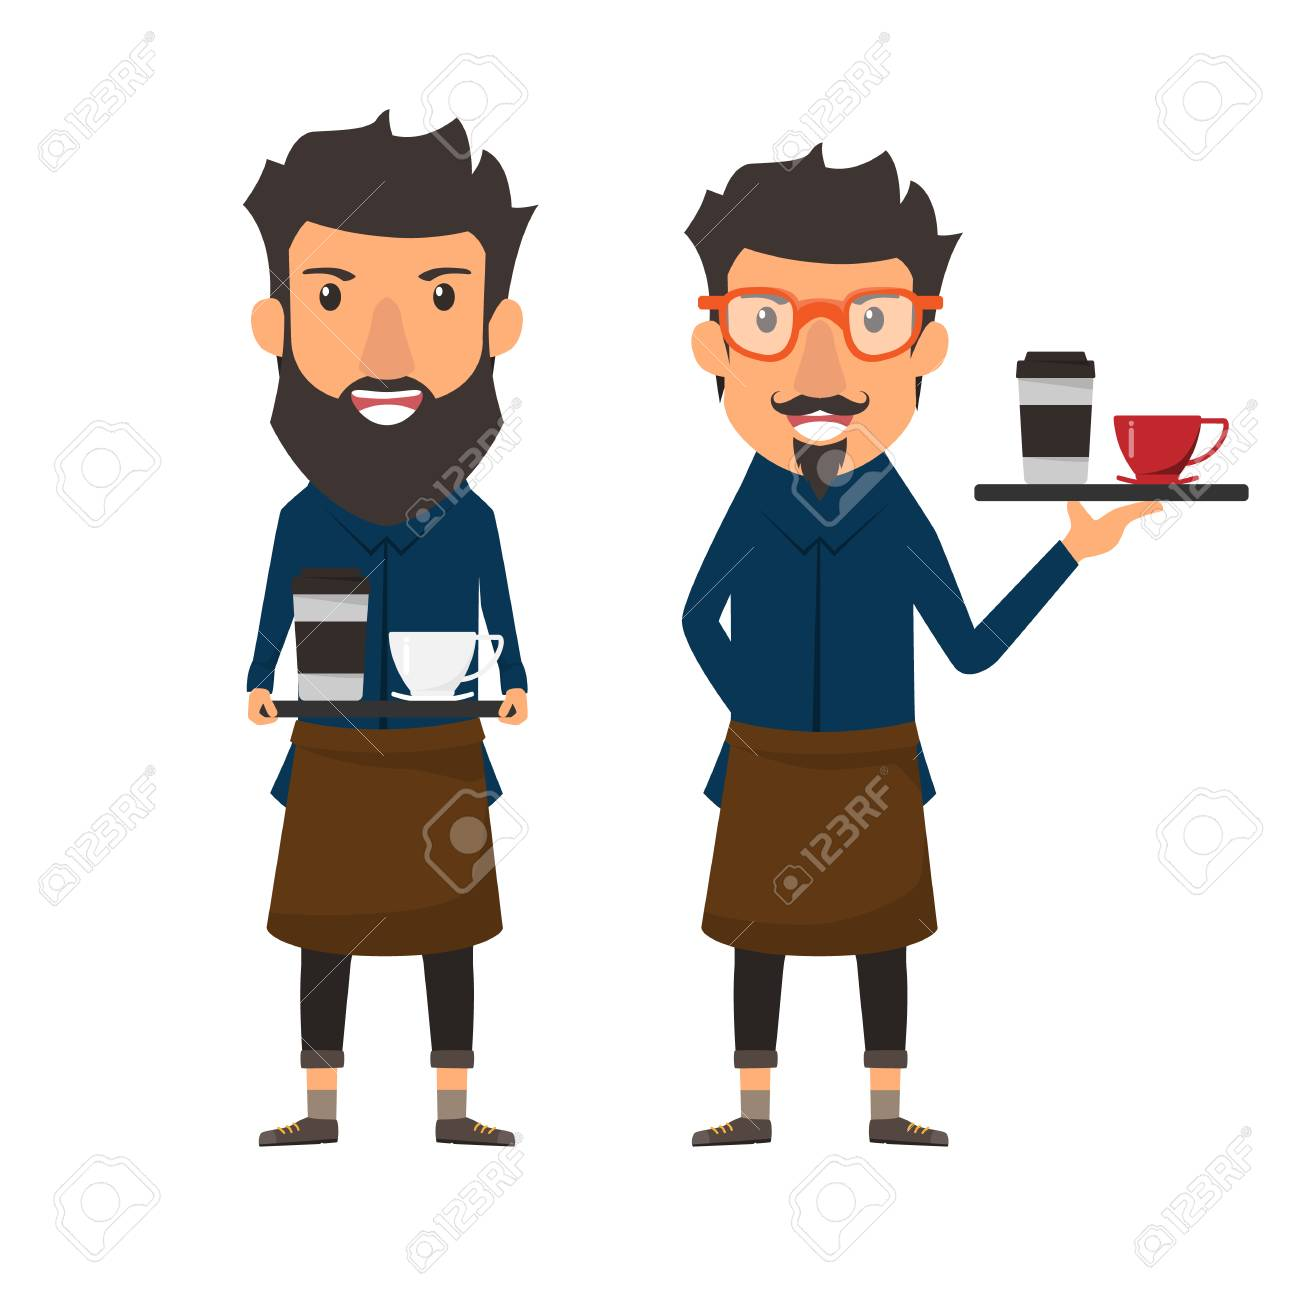 流行に敏感なスタイルバリスタ カフェ ショップの皿のコーヒーを保持し